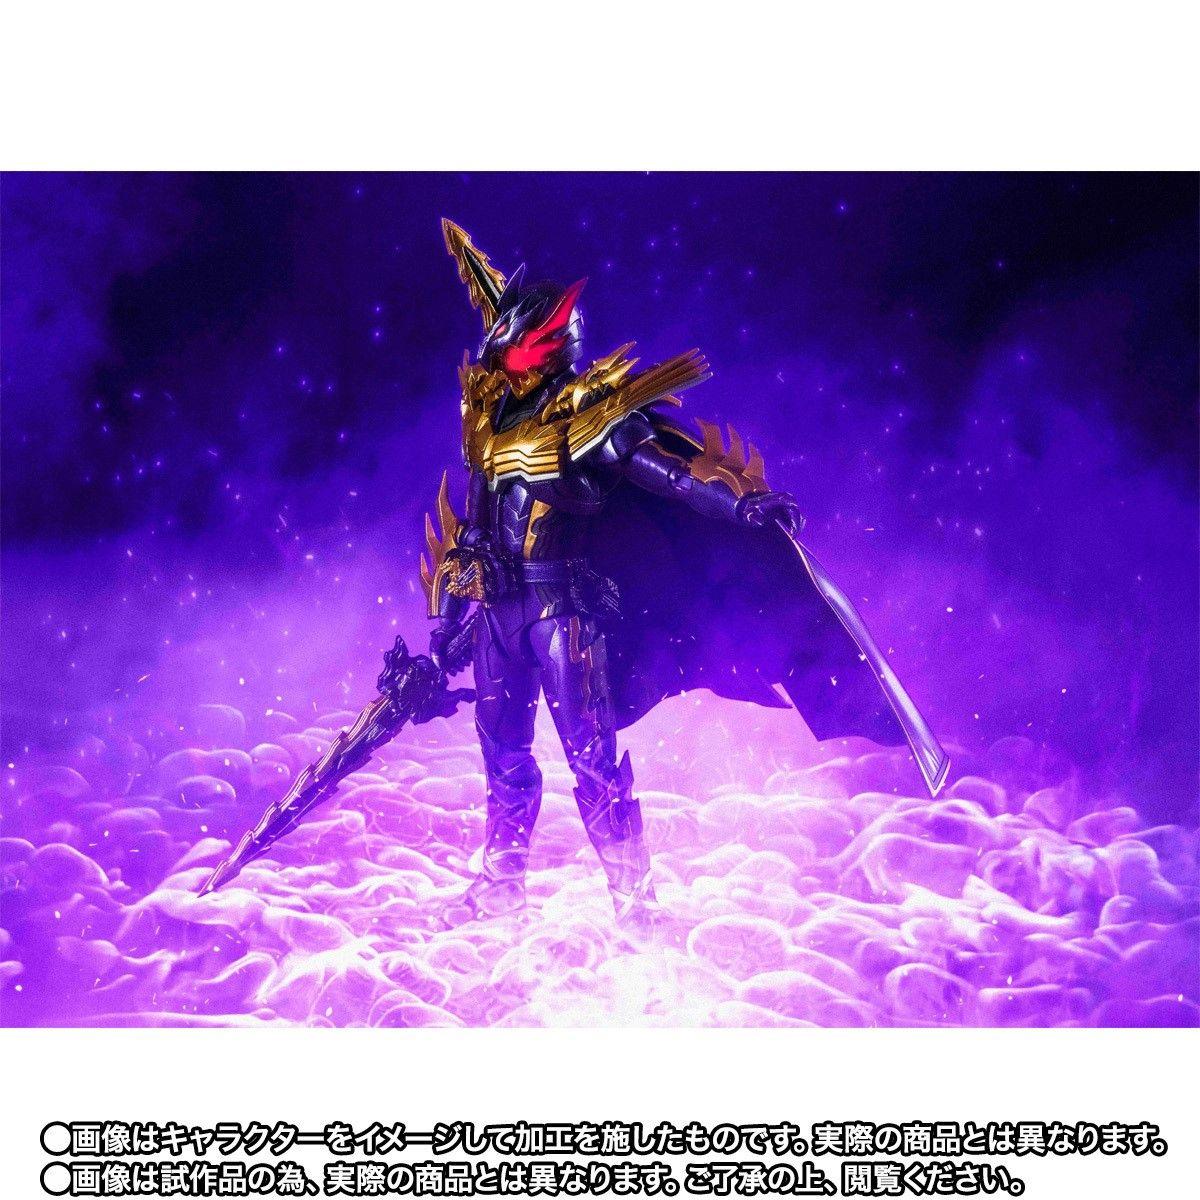 【限定販売】S.H.Figuarts『仮面ライダーカリバー ジャオウドラゴン』可動フィギュア-006